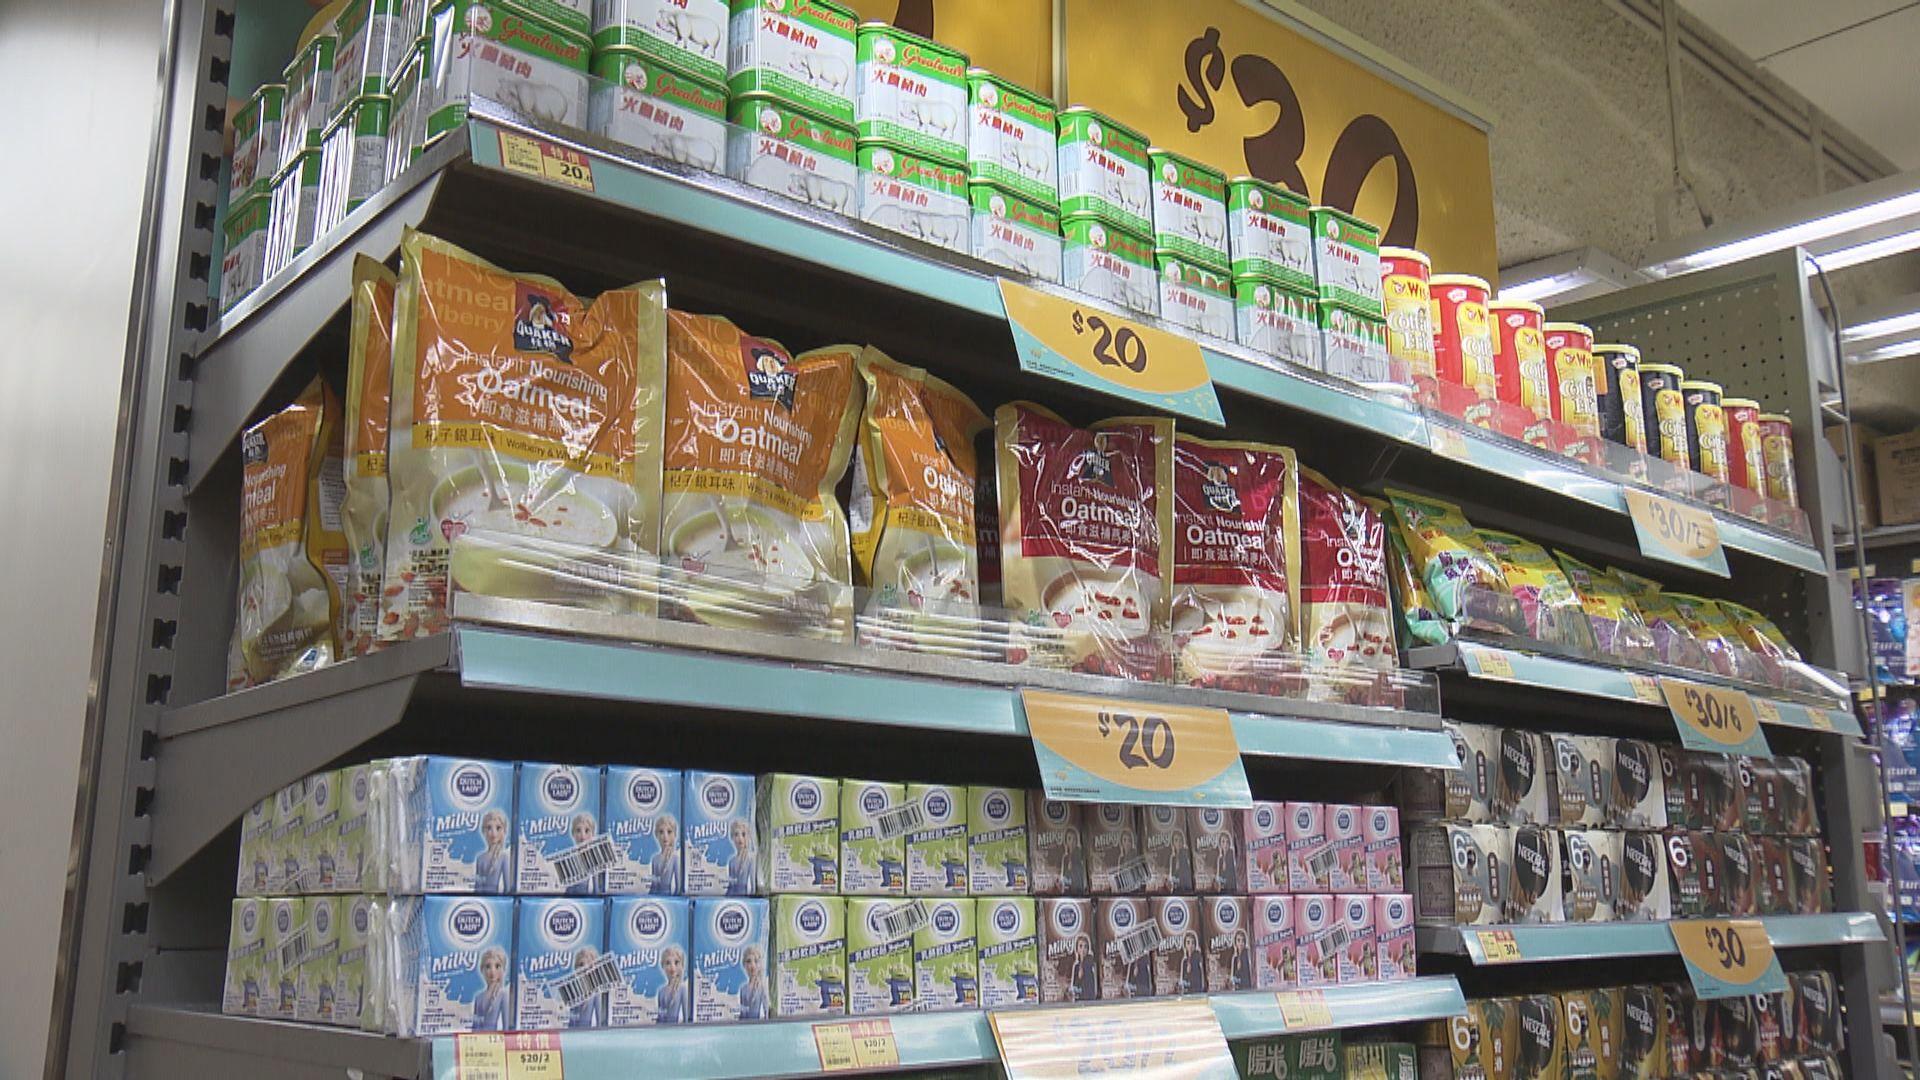 【高過通脹】兩大超市去年貨品總平均售價較前年上升1.9%